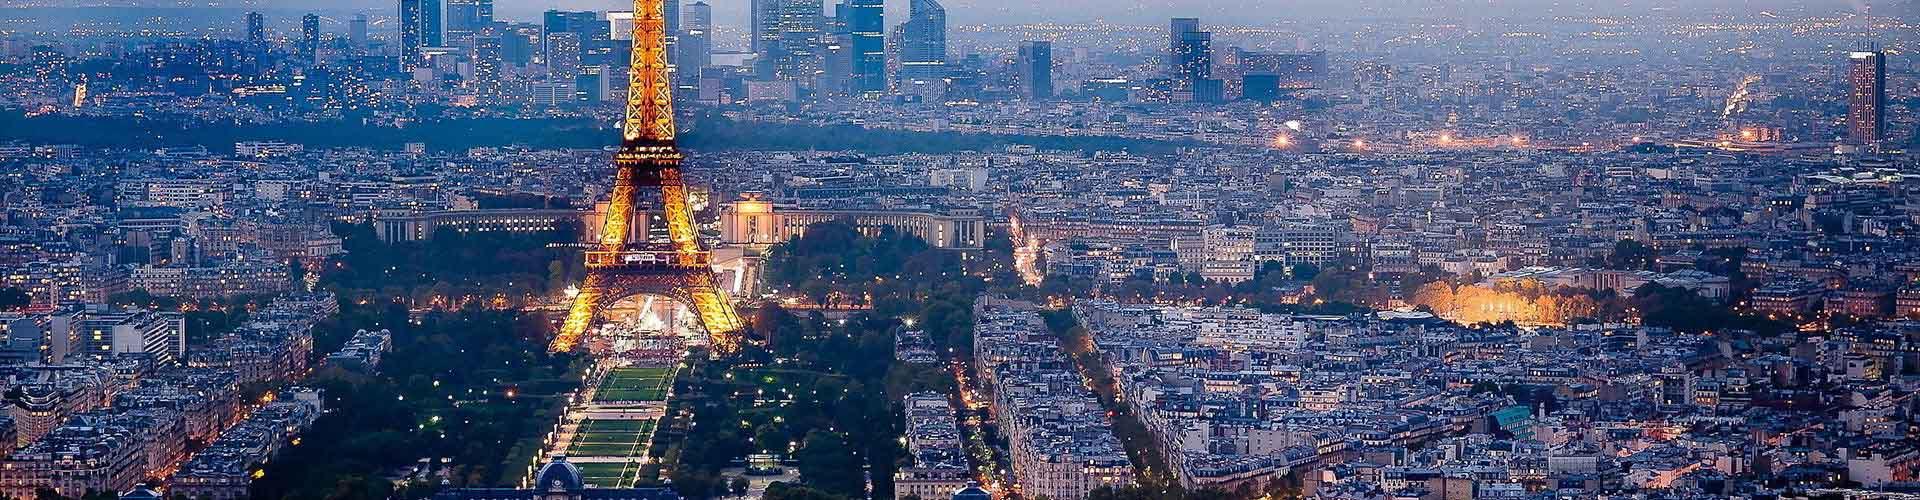 파리 - City Center에 가까운 호스텔. 파리의 지도, 파리에 위치한 호스텔에 대한 사진 및 리뷰.